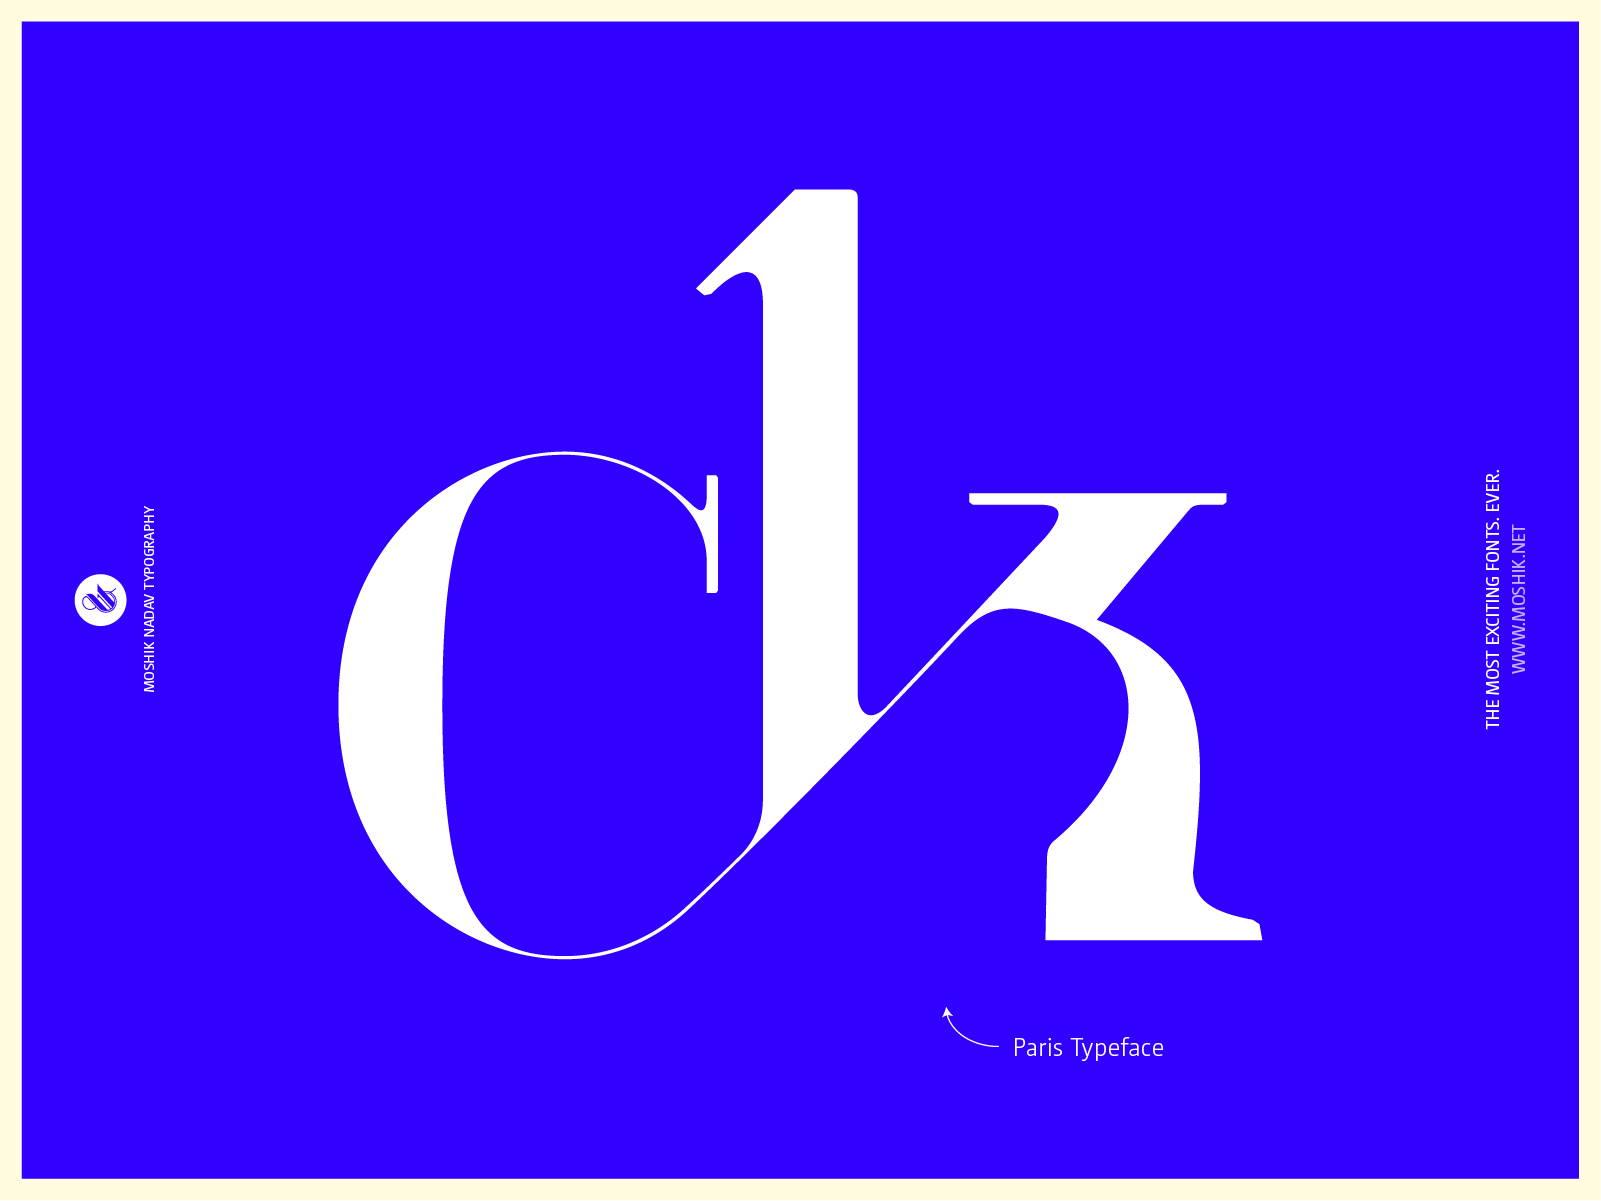 ck ligature,. ck, paris Typeface, fashion fonts, fashion typography, vogue fonts, must have fonts for fashion, best fonts 2021, must have fonts 2021, Fashion logos, vogue fonts, fashion magazine fonts, sexy logos, sexy fashion logo, fashion ligatures